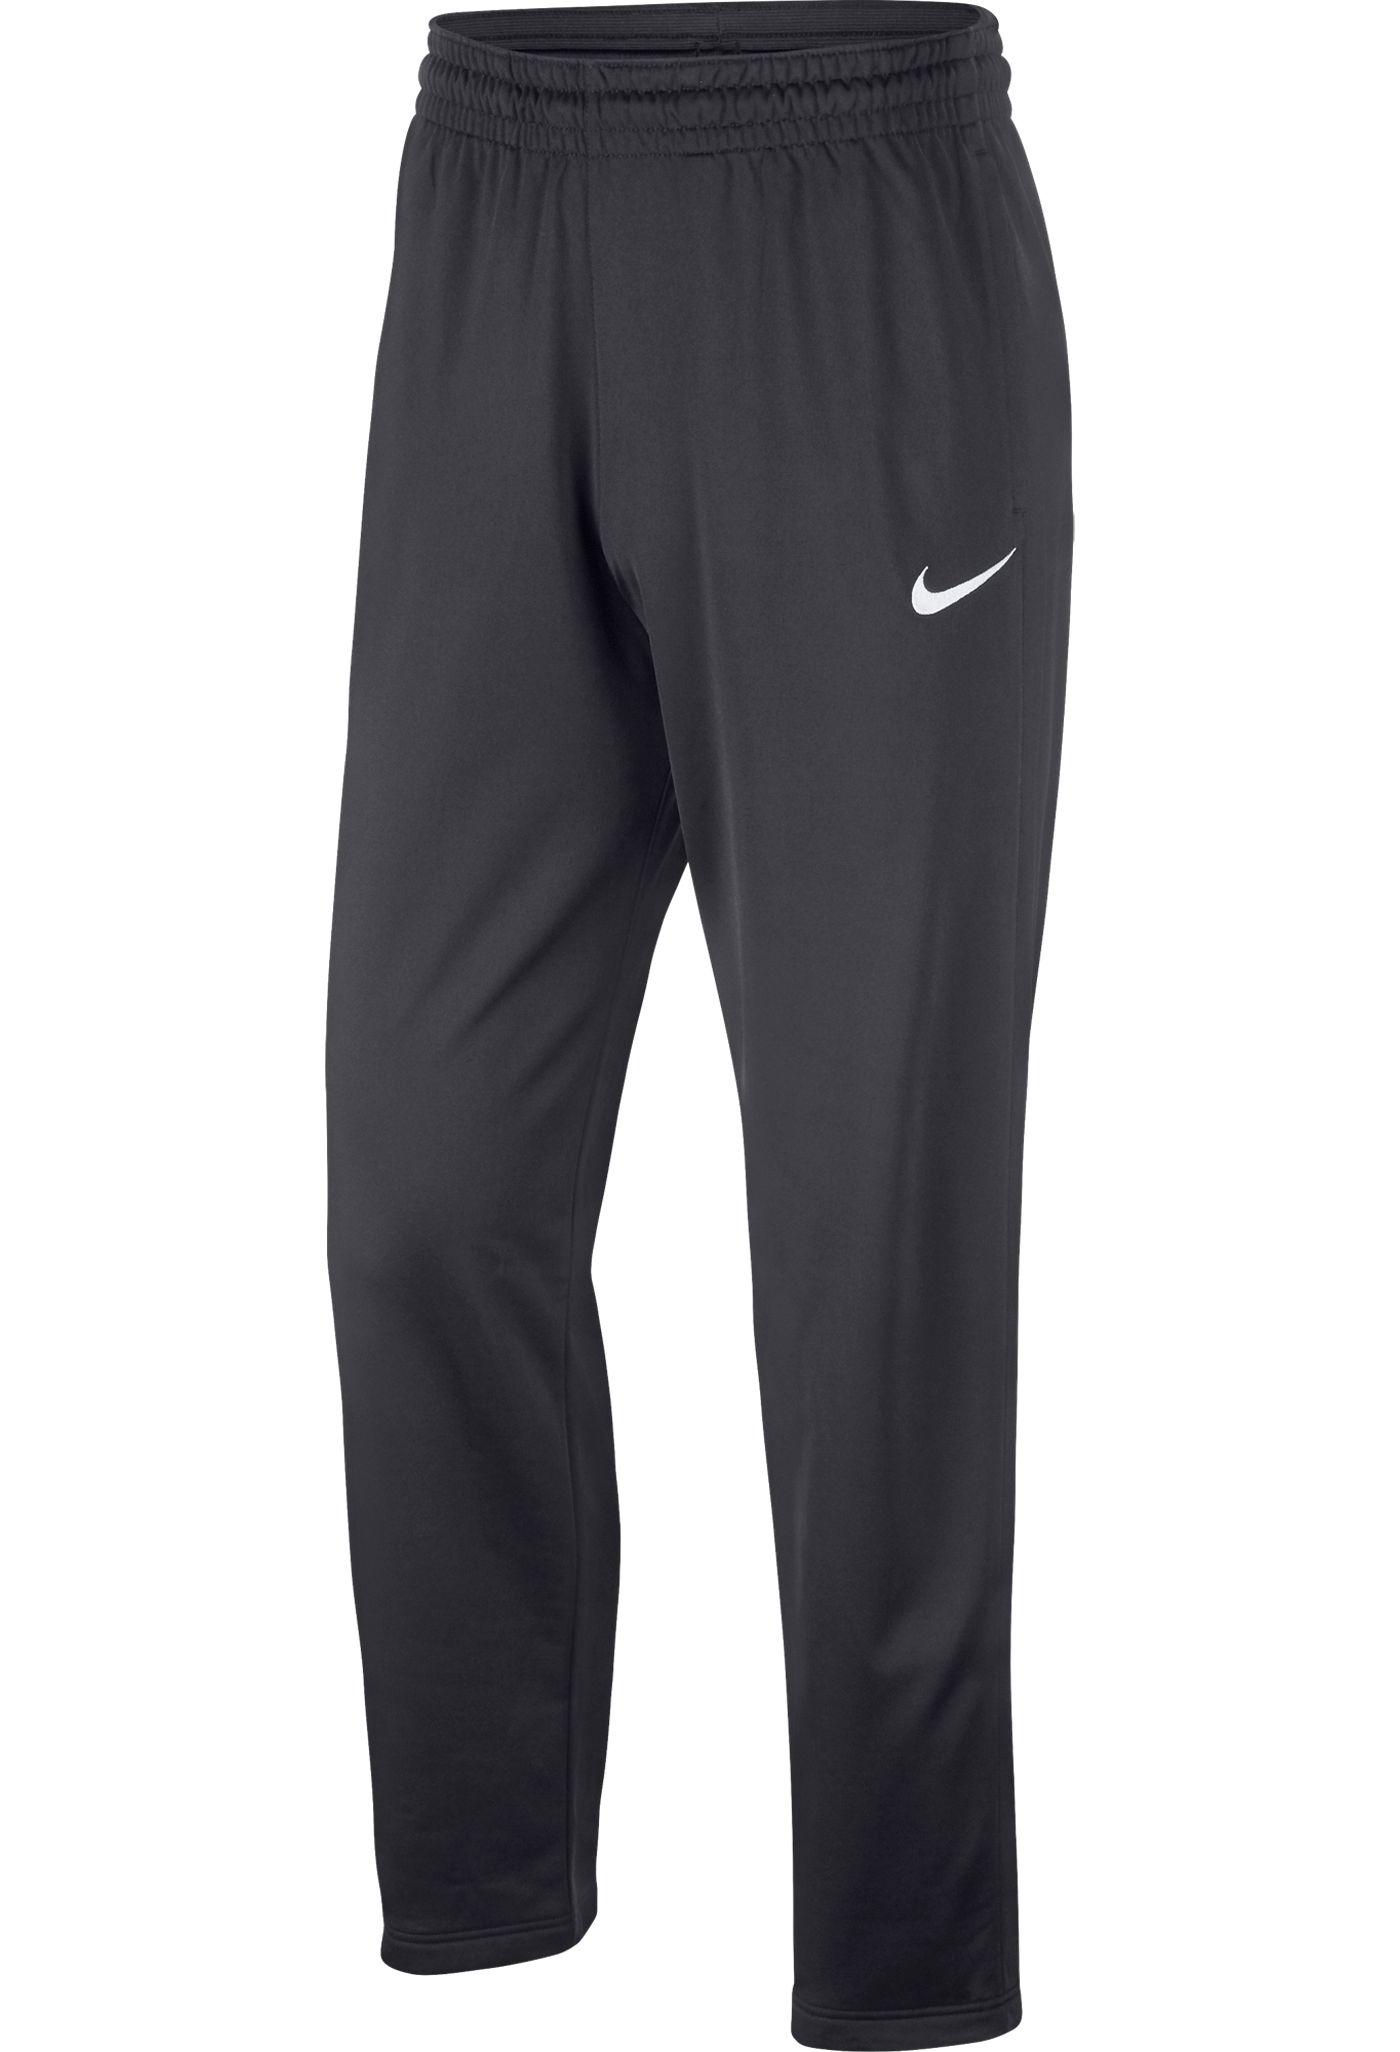 Nike Men's Dri-FIT Rivalry Basketball Pants